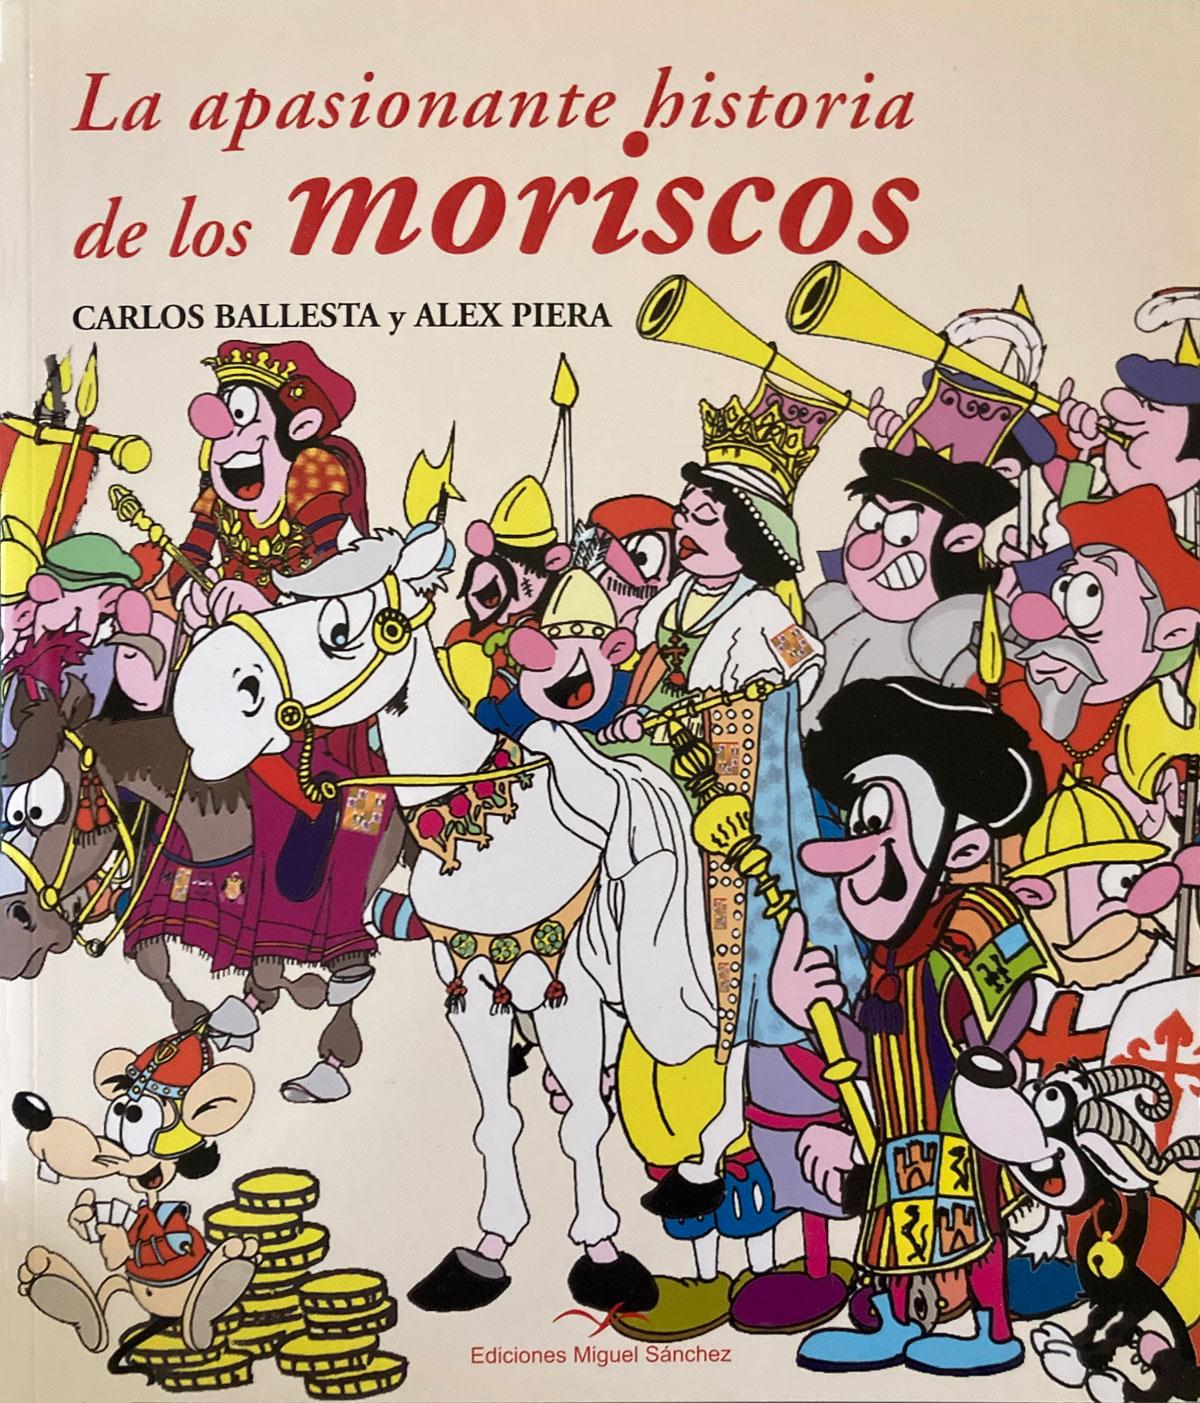 La apasionante historia de los moriscos - Carlos Ballesta López y Alex Piera Lillo